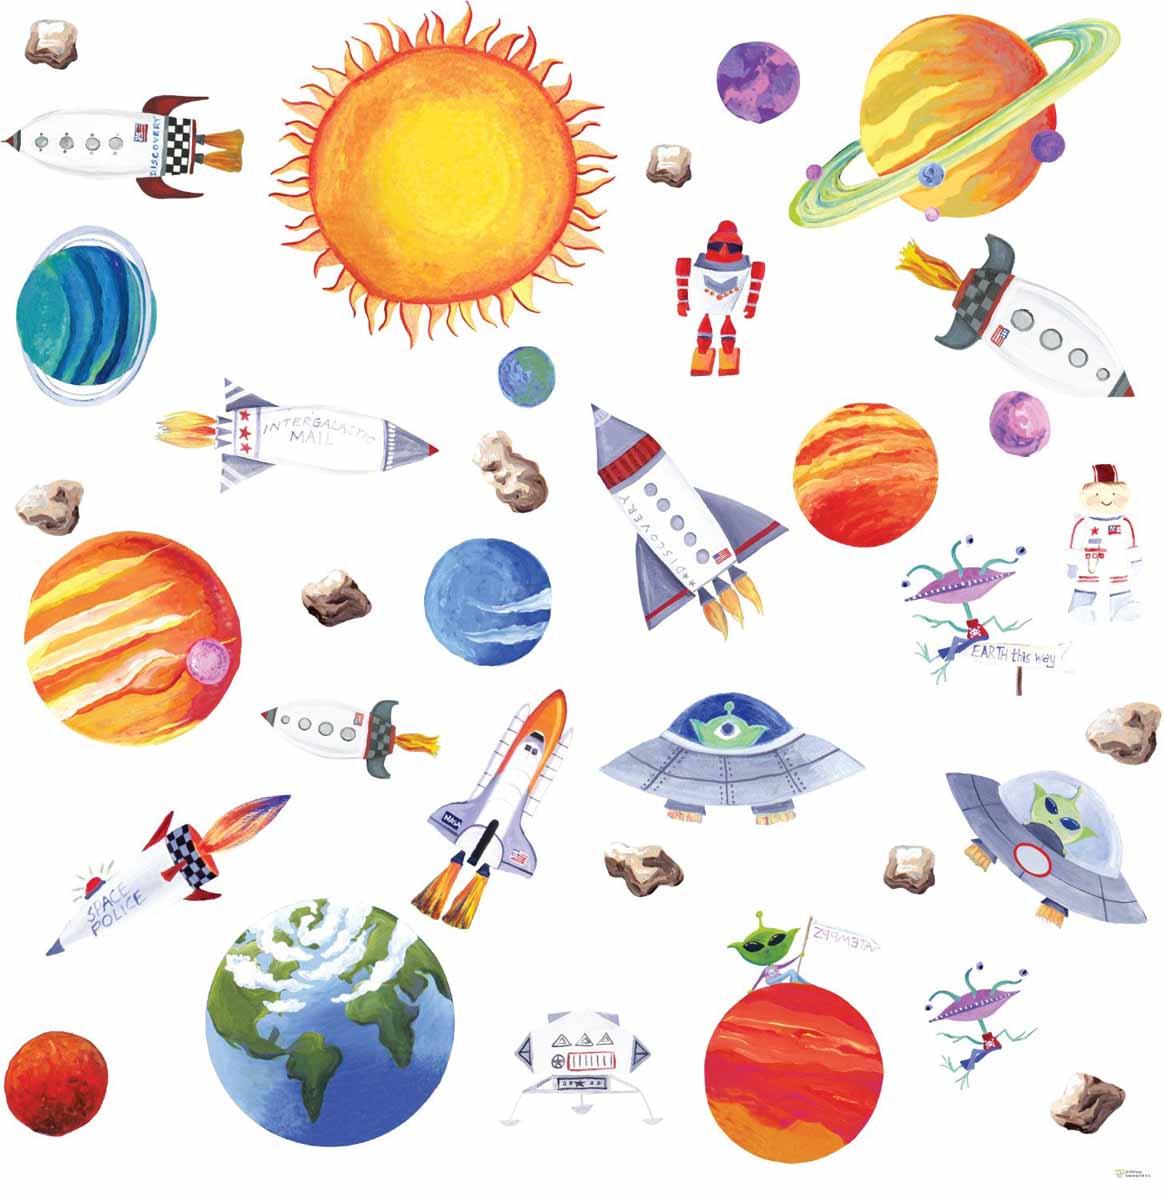 RoomMates Наклейки для декора Космос300164_черный, кошкиНаклейки для декора Космос от знаменитого производителя RoomMates станут украшением вашей квартиры! Превратите комнату вашего ребенка в полигон отважных исследователей космоса с помощью нового набора наклеек для декора! Наклейки, входящие в набор, содержат изображения всех планет Солнечной системы, самого солнца, а также космических ракет и даже корабля пришельцев! Наклейки не нужно вырезать - их следует просто отсоединить от защитного слоя и поместить на стену или любую другую плоскую гладкую поверхность. Наклейки многоразовые: их легко переклеивать и снимать со стены, они не оставляют липких следов на поверхности. В каждой индивидуальной упаковке вы можете найти 4 листа с различными наклейками! Таким образом, покупая наклейки фирмы RoomMates, вы получаете гораздо больший ассортимент наклеек, имея возможность украсить ими различные поверхности в доме.